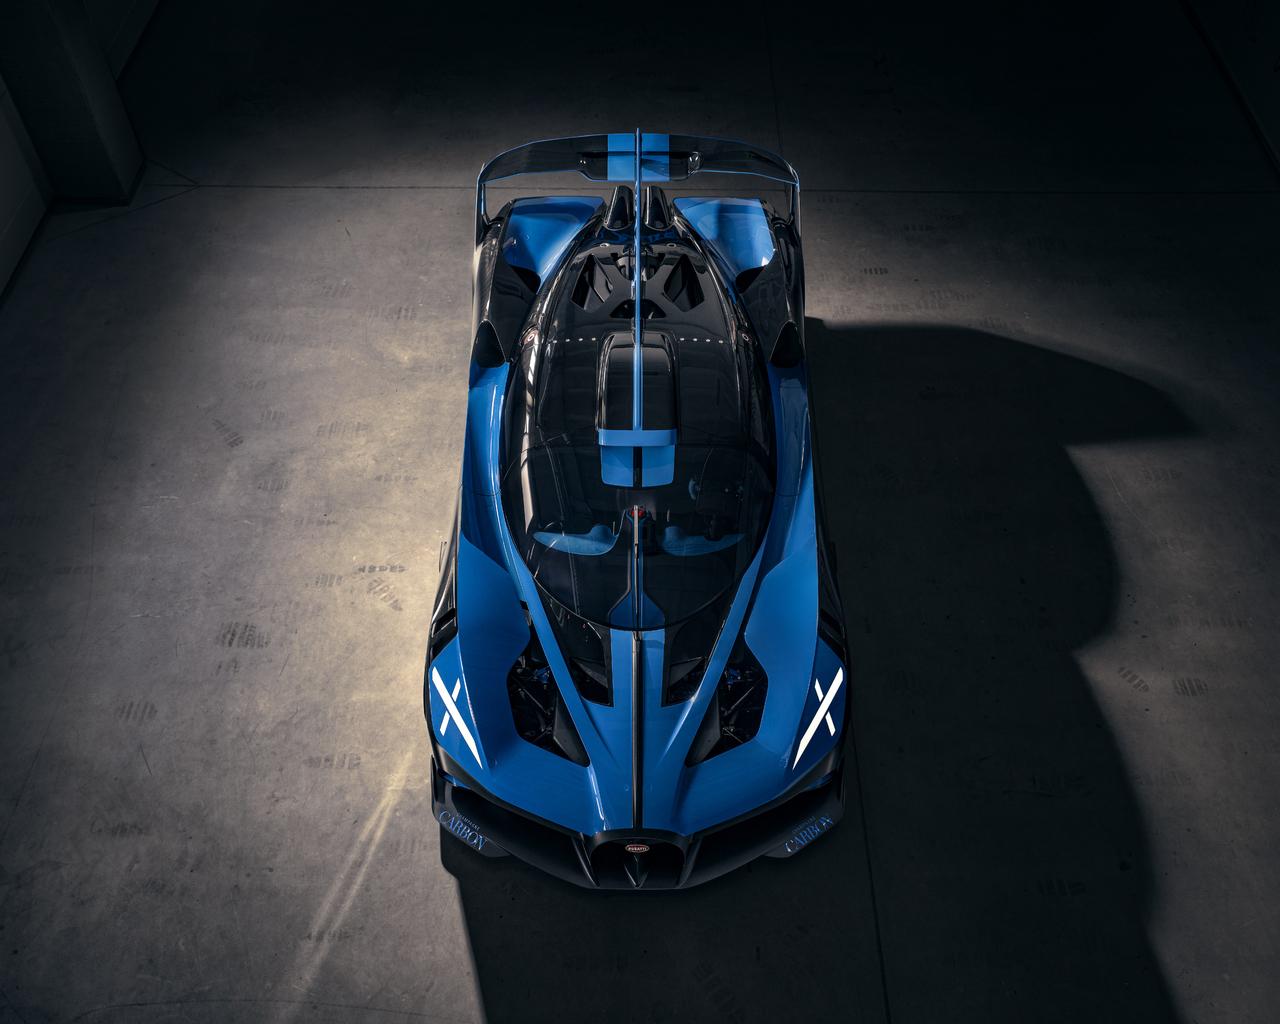 bugatti-bolide-10k-w6.jpg